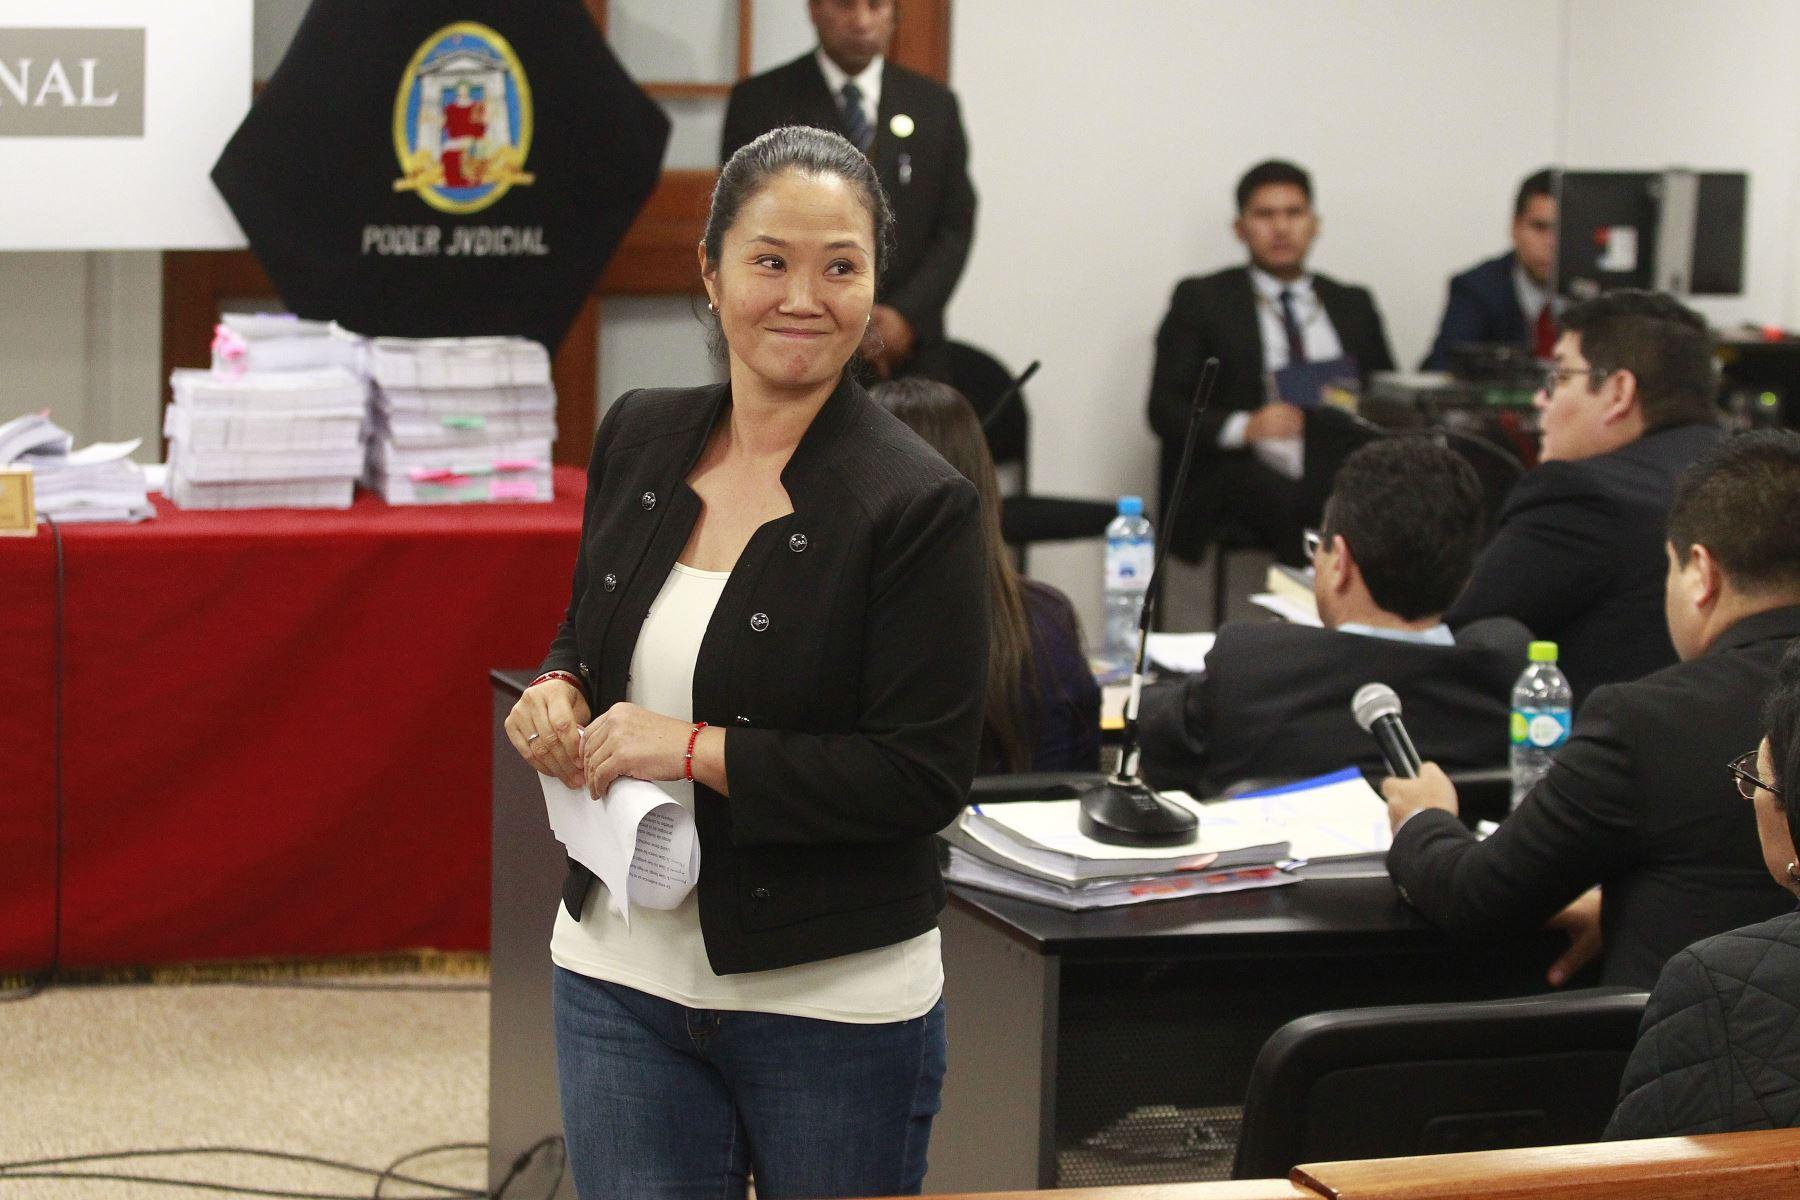 Justicia con nombre propio: un análisis de la sentencia del TC en el caso Keiko Fujimori